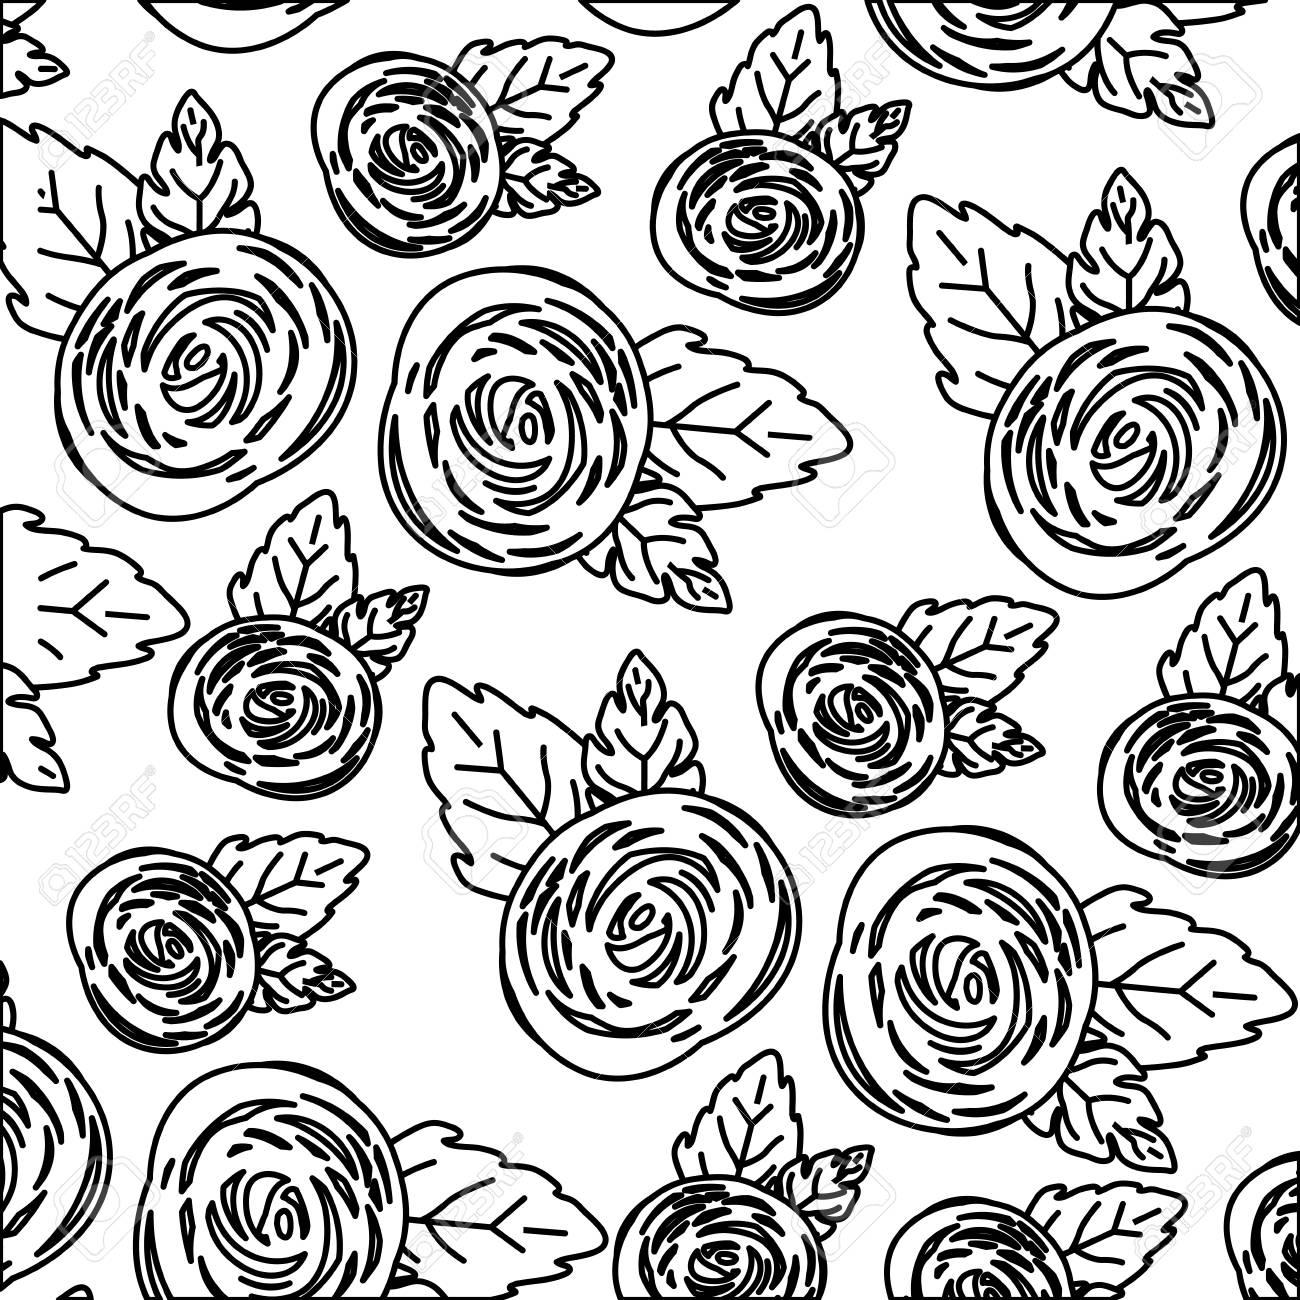 バラの花ベクトル イラストの白黒パターンで白い背景のイラスト素材